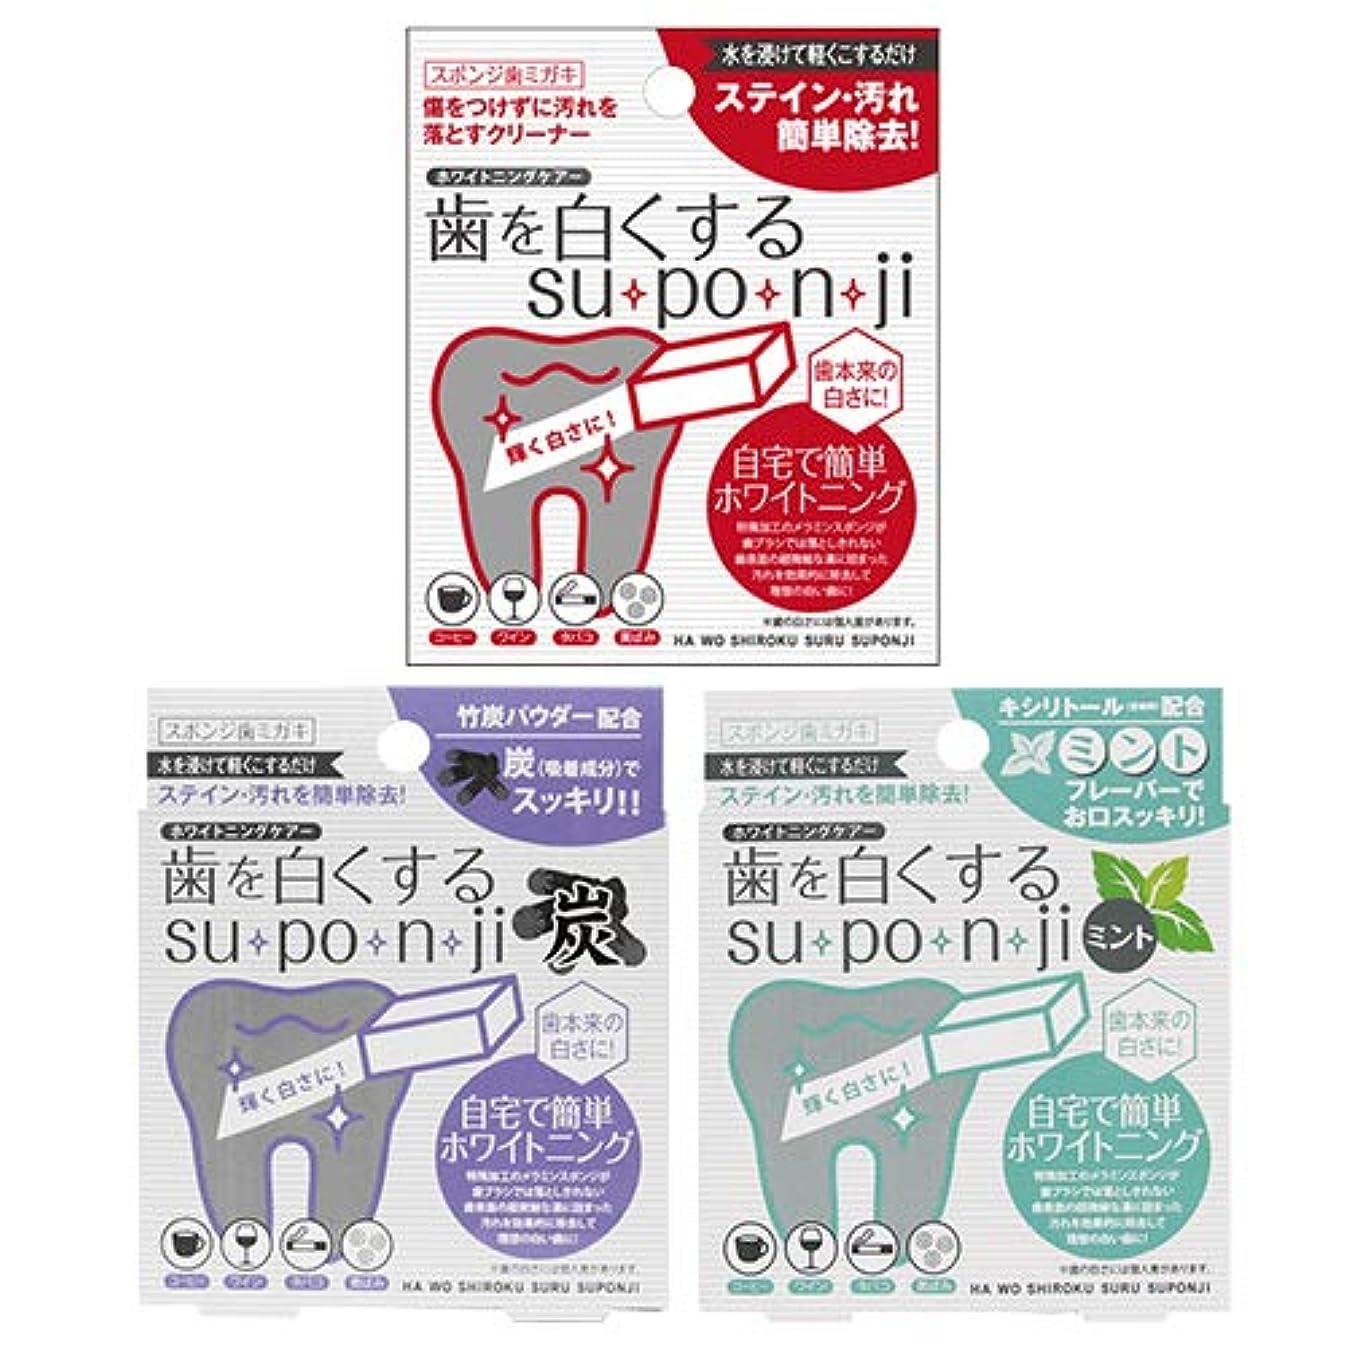 有効好きである興味歯を白くする su?po?n?ji 炭 スポンジ 歯みがき レギュラー+ミント+炭 3点セット + マウスウォッシュリブレ10ml